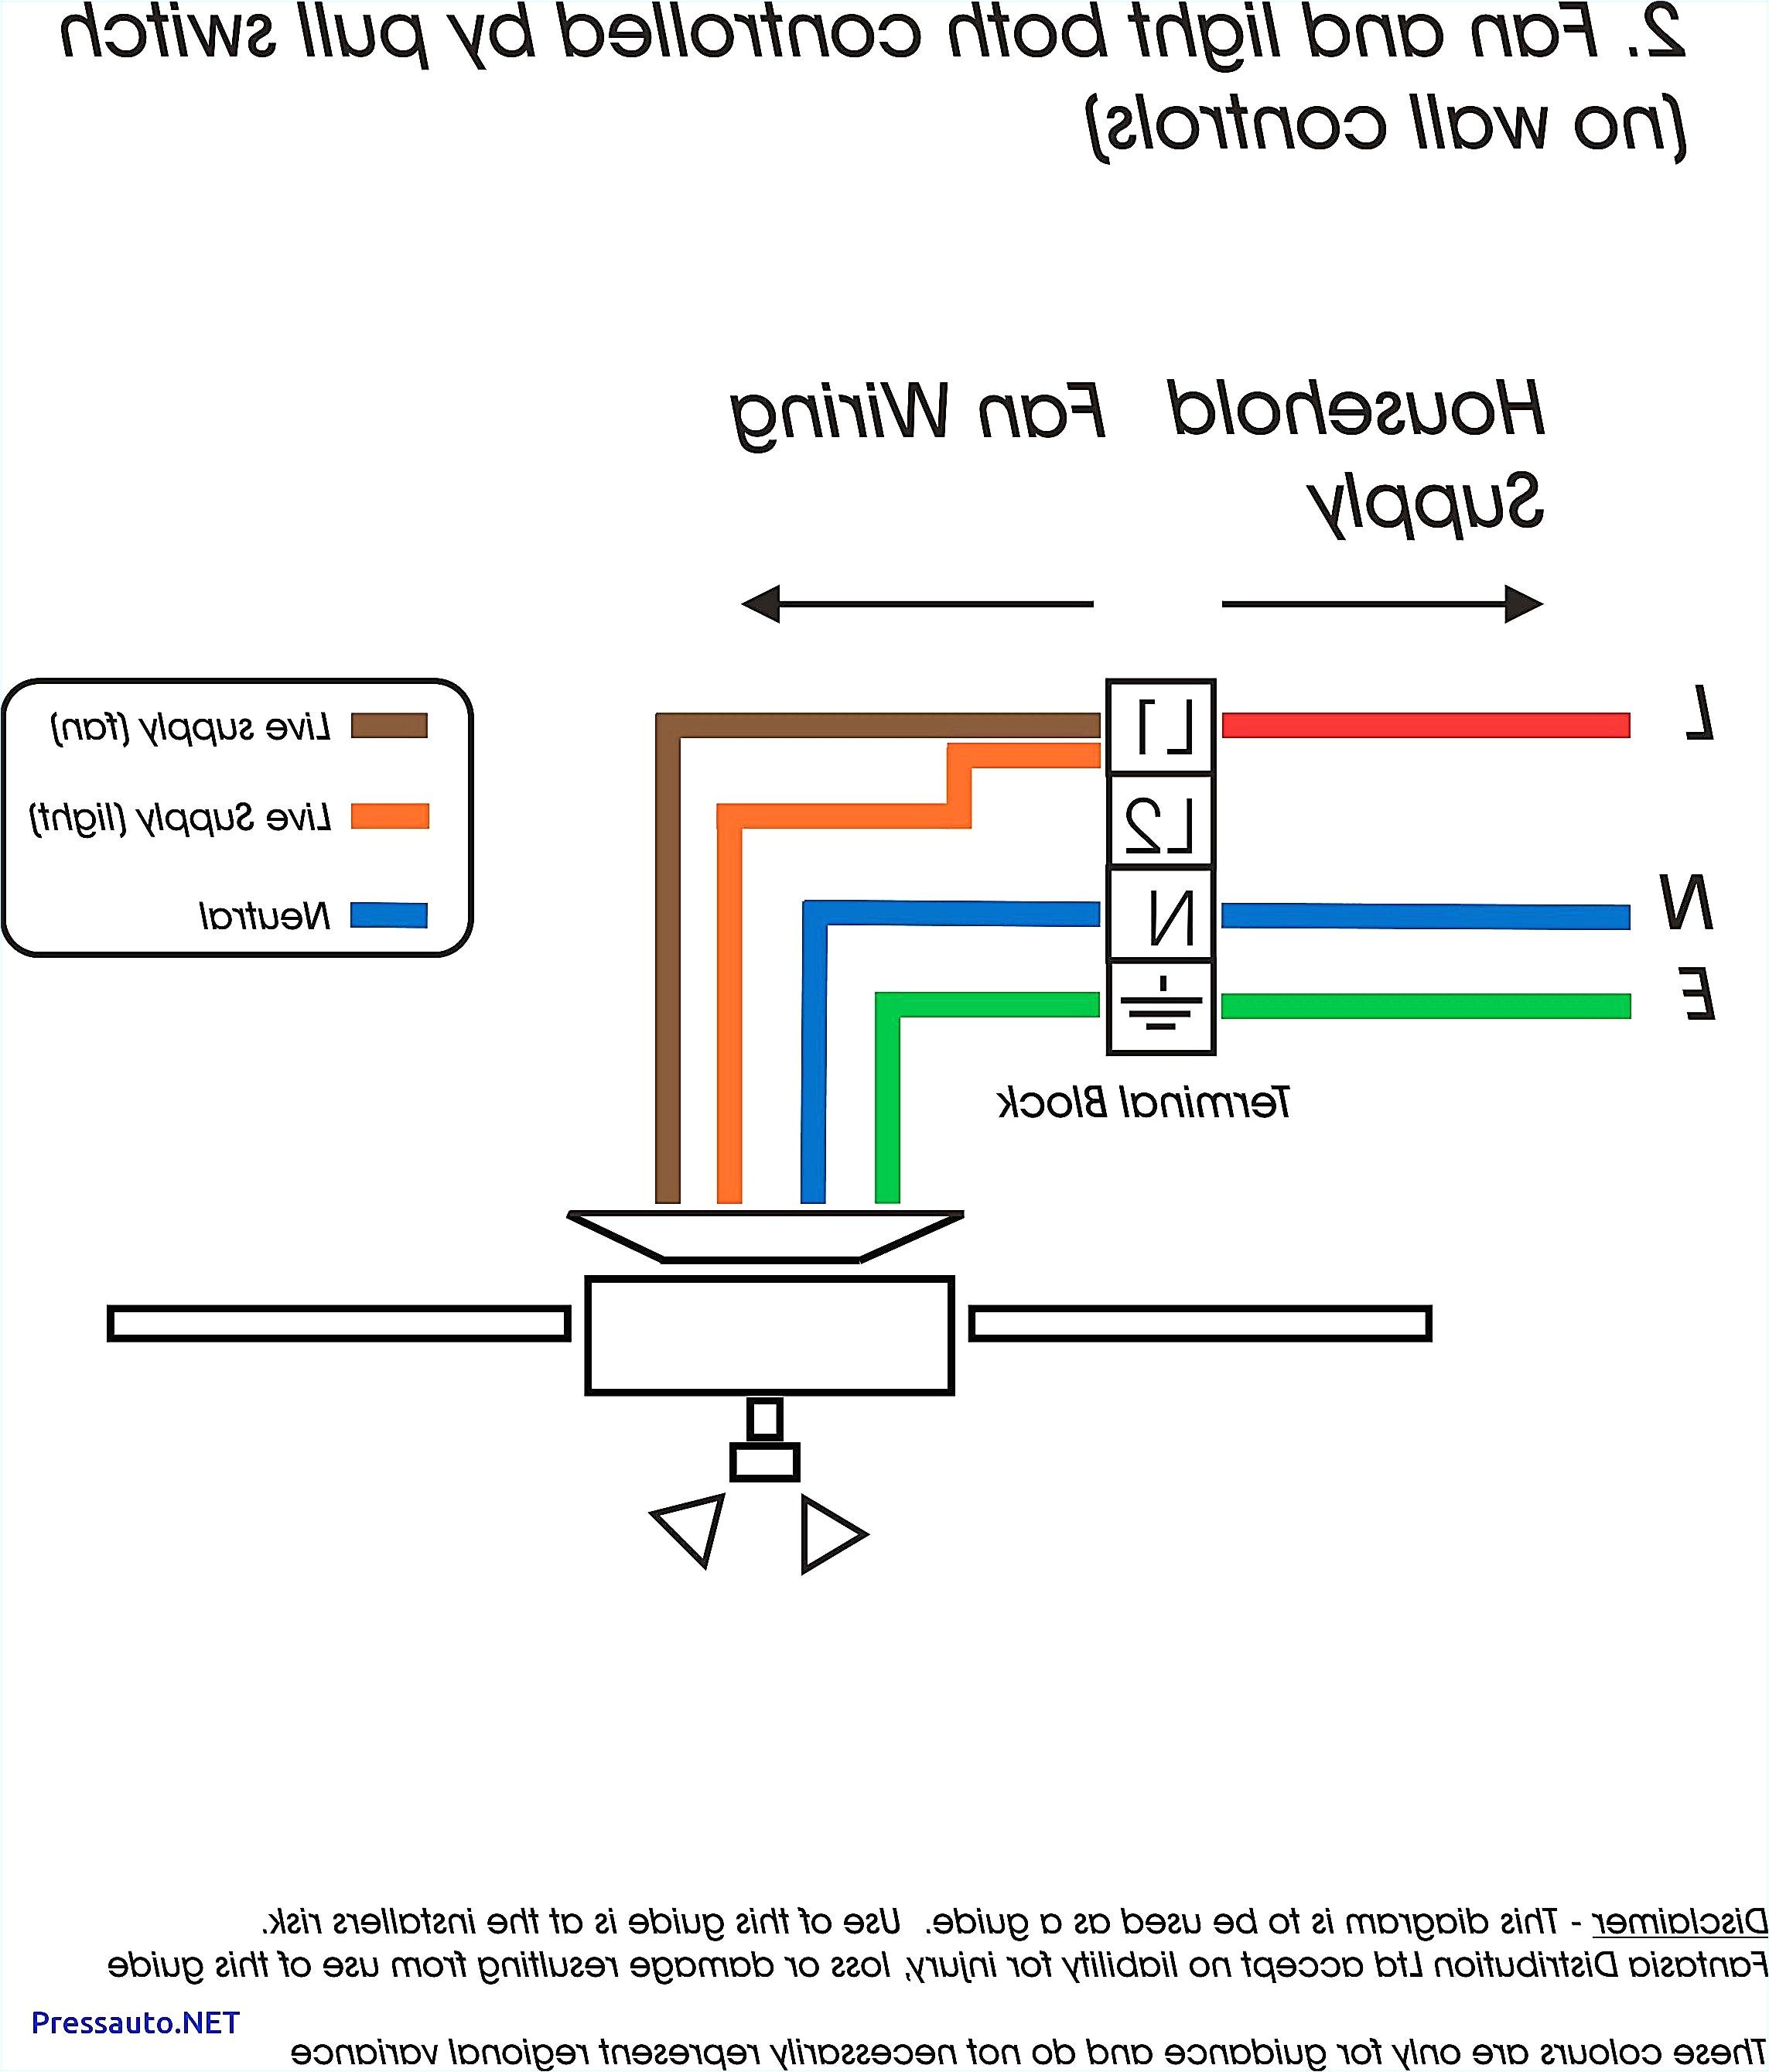 kirby compressor wiring diagram elegant embraco relay wiring carkirby compressor wiring diagram elegant embraco relay wiring